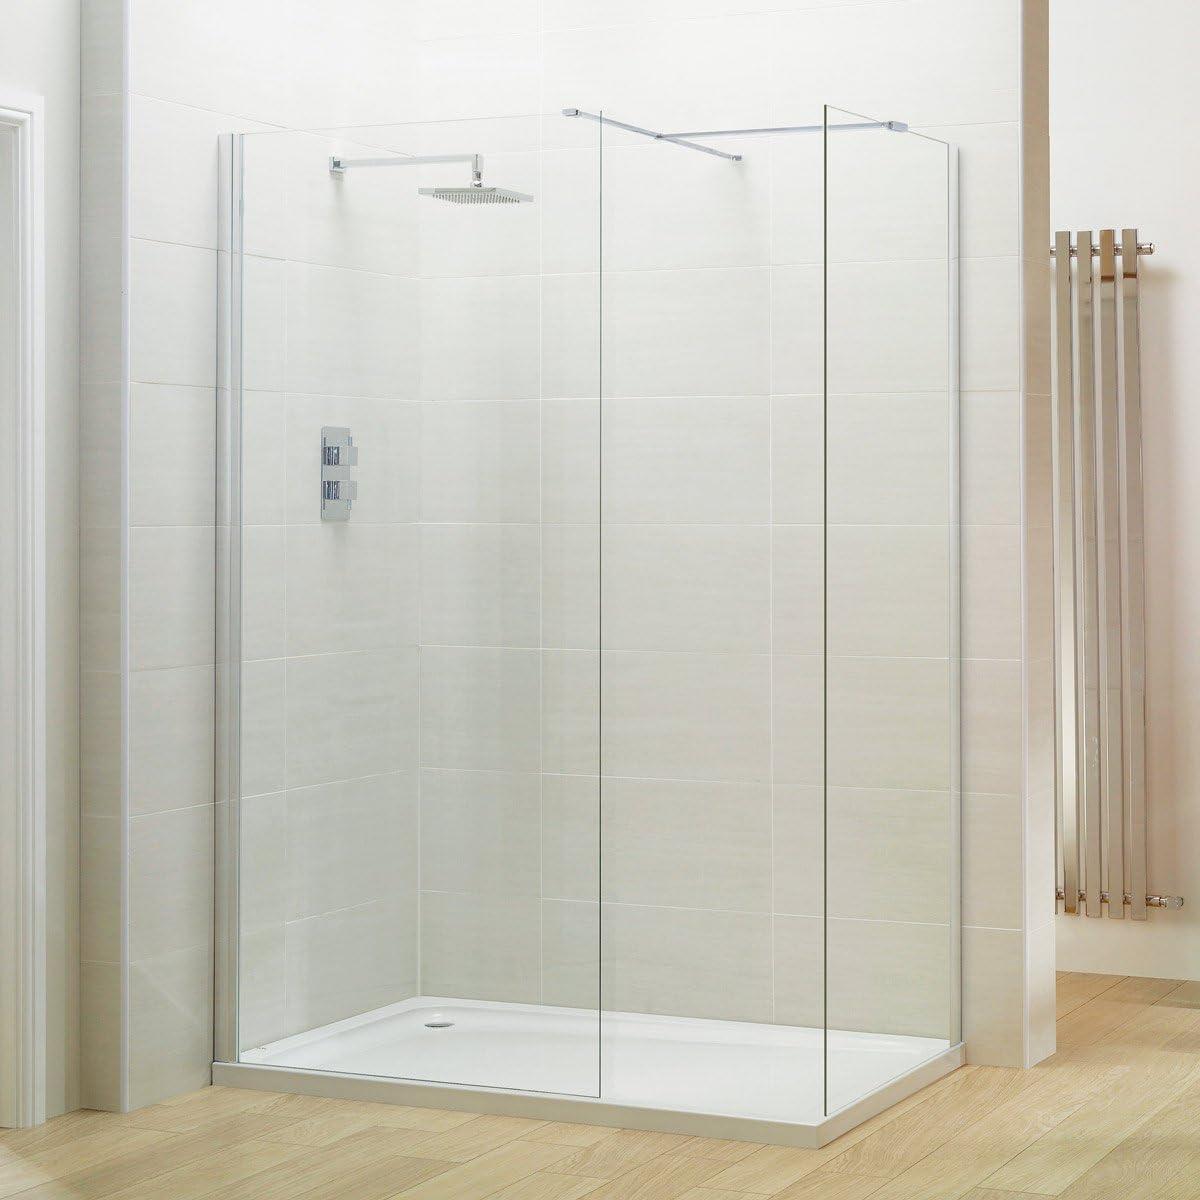 Coral 8 mm mojado habitación ducha cristal panel 1100: Amazon.es ...